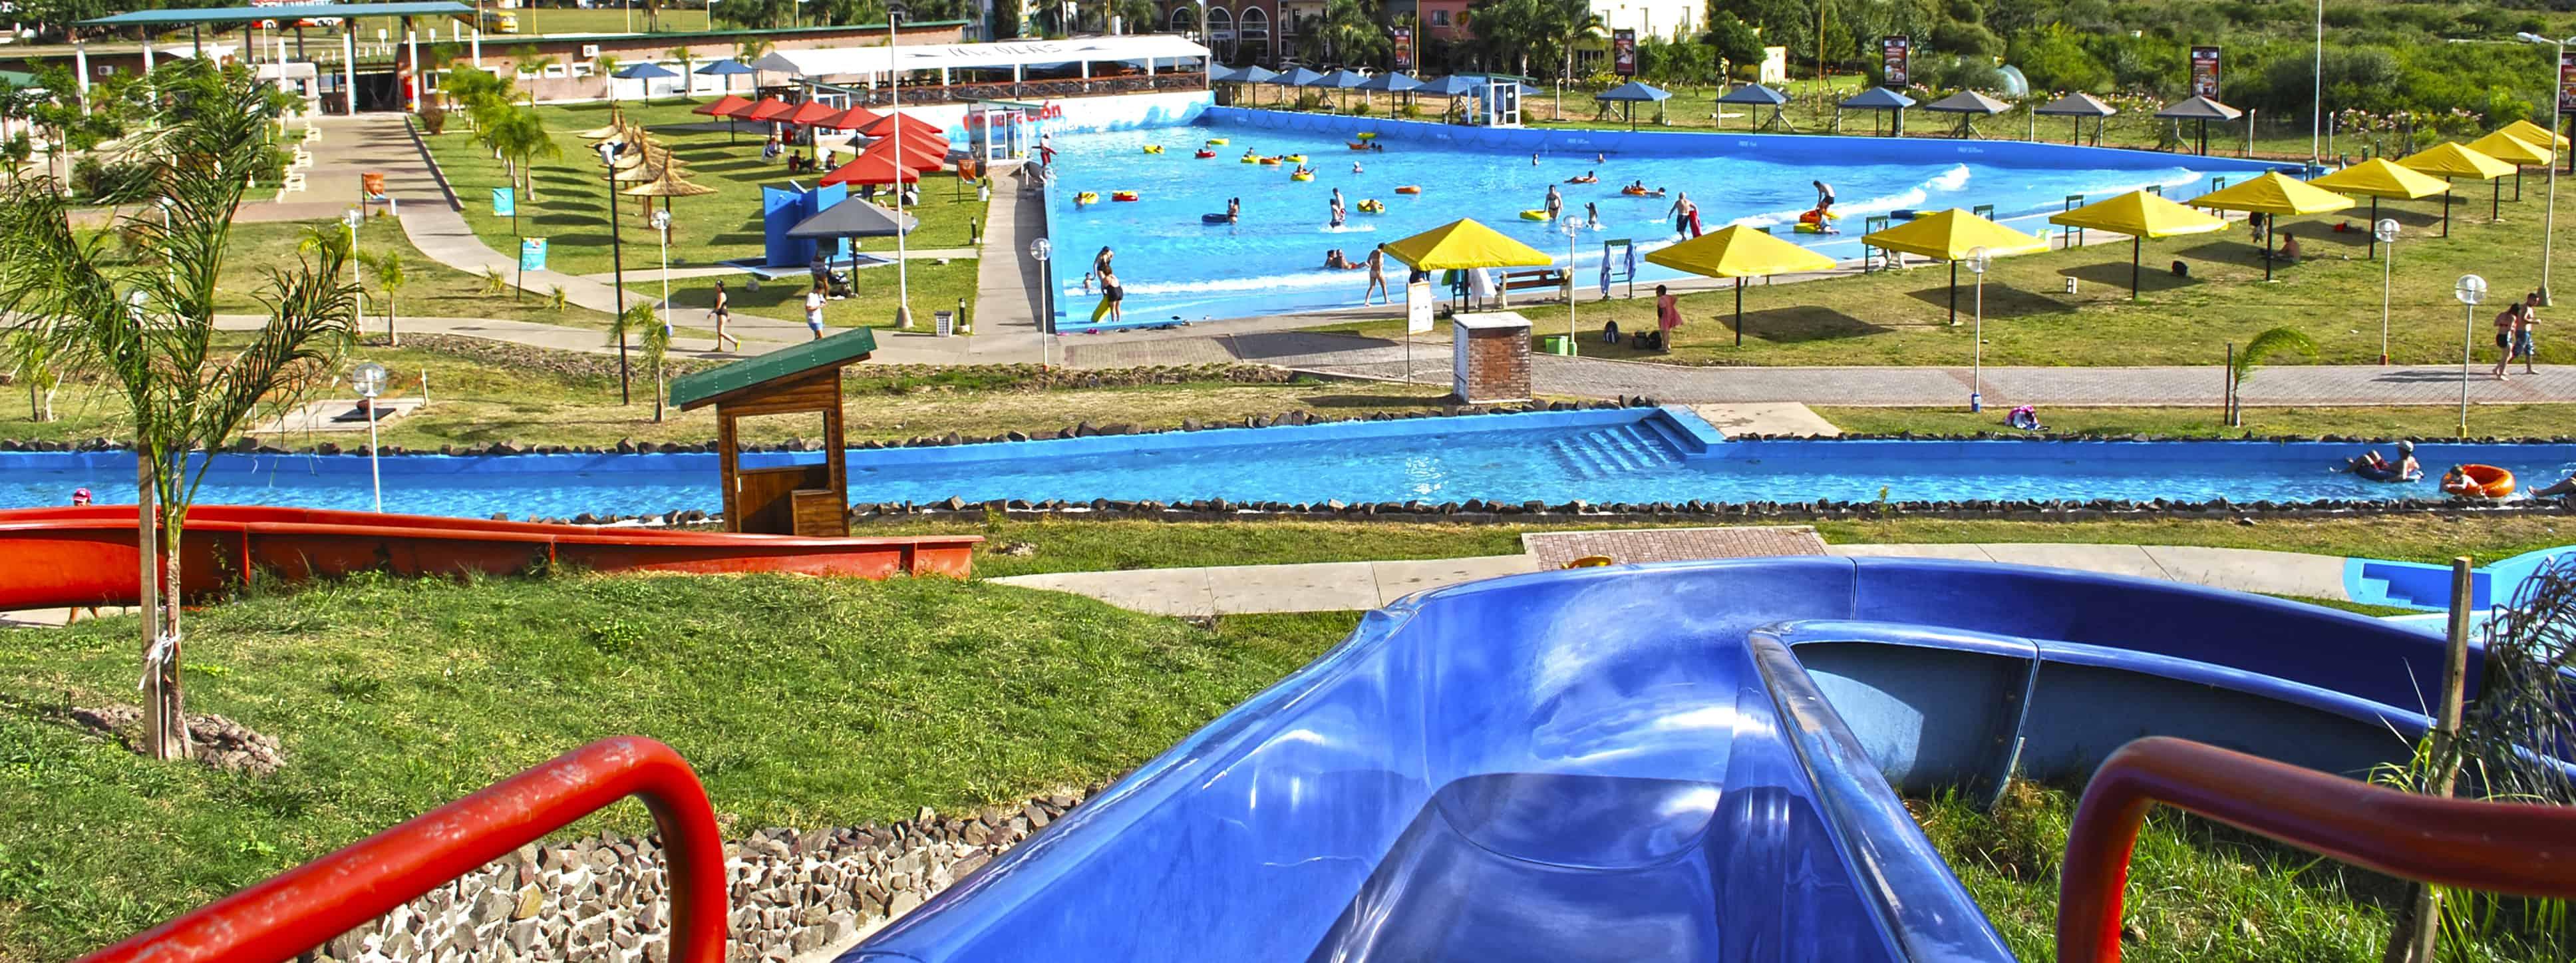 Vista de la piscina de olas de las Termas de Federación